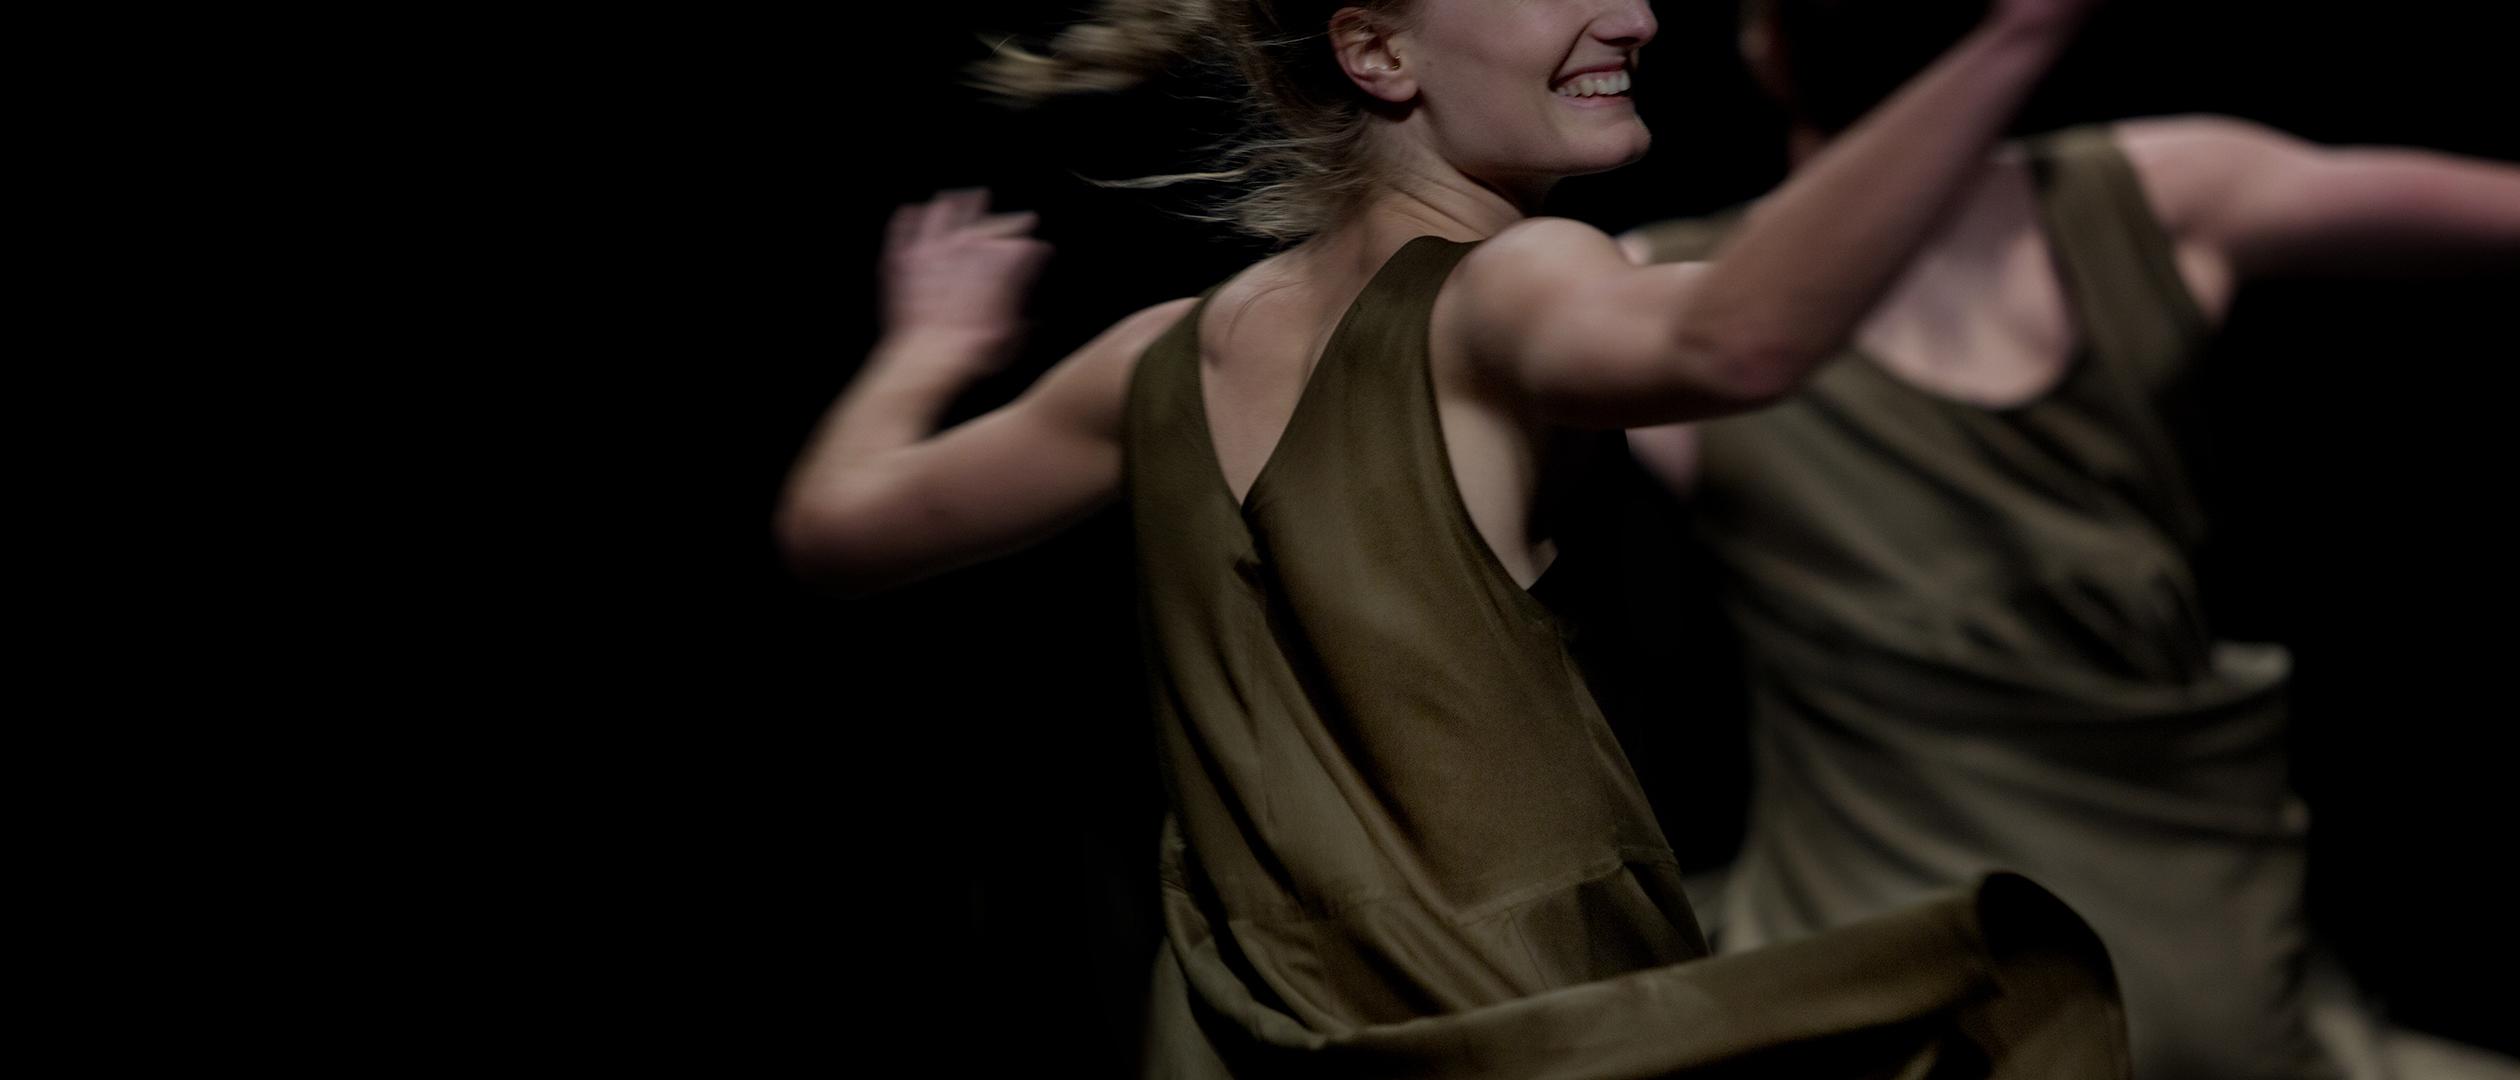 Virvlande dansare i dansverket Rikud av Nir Ben Gal och Liat Dror, ur Skånes Dansteaters föreställning Playground.